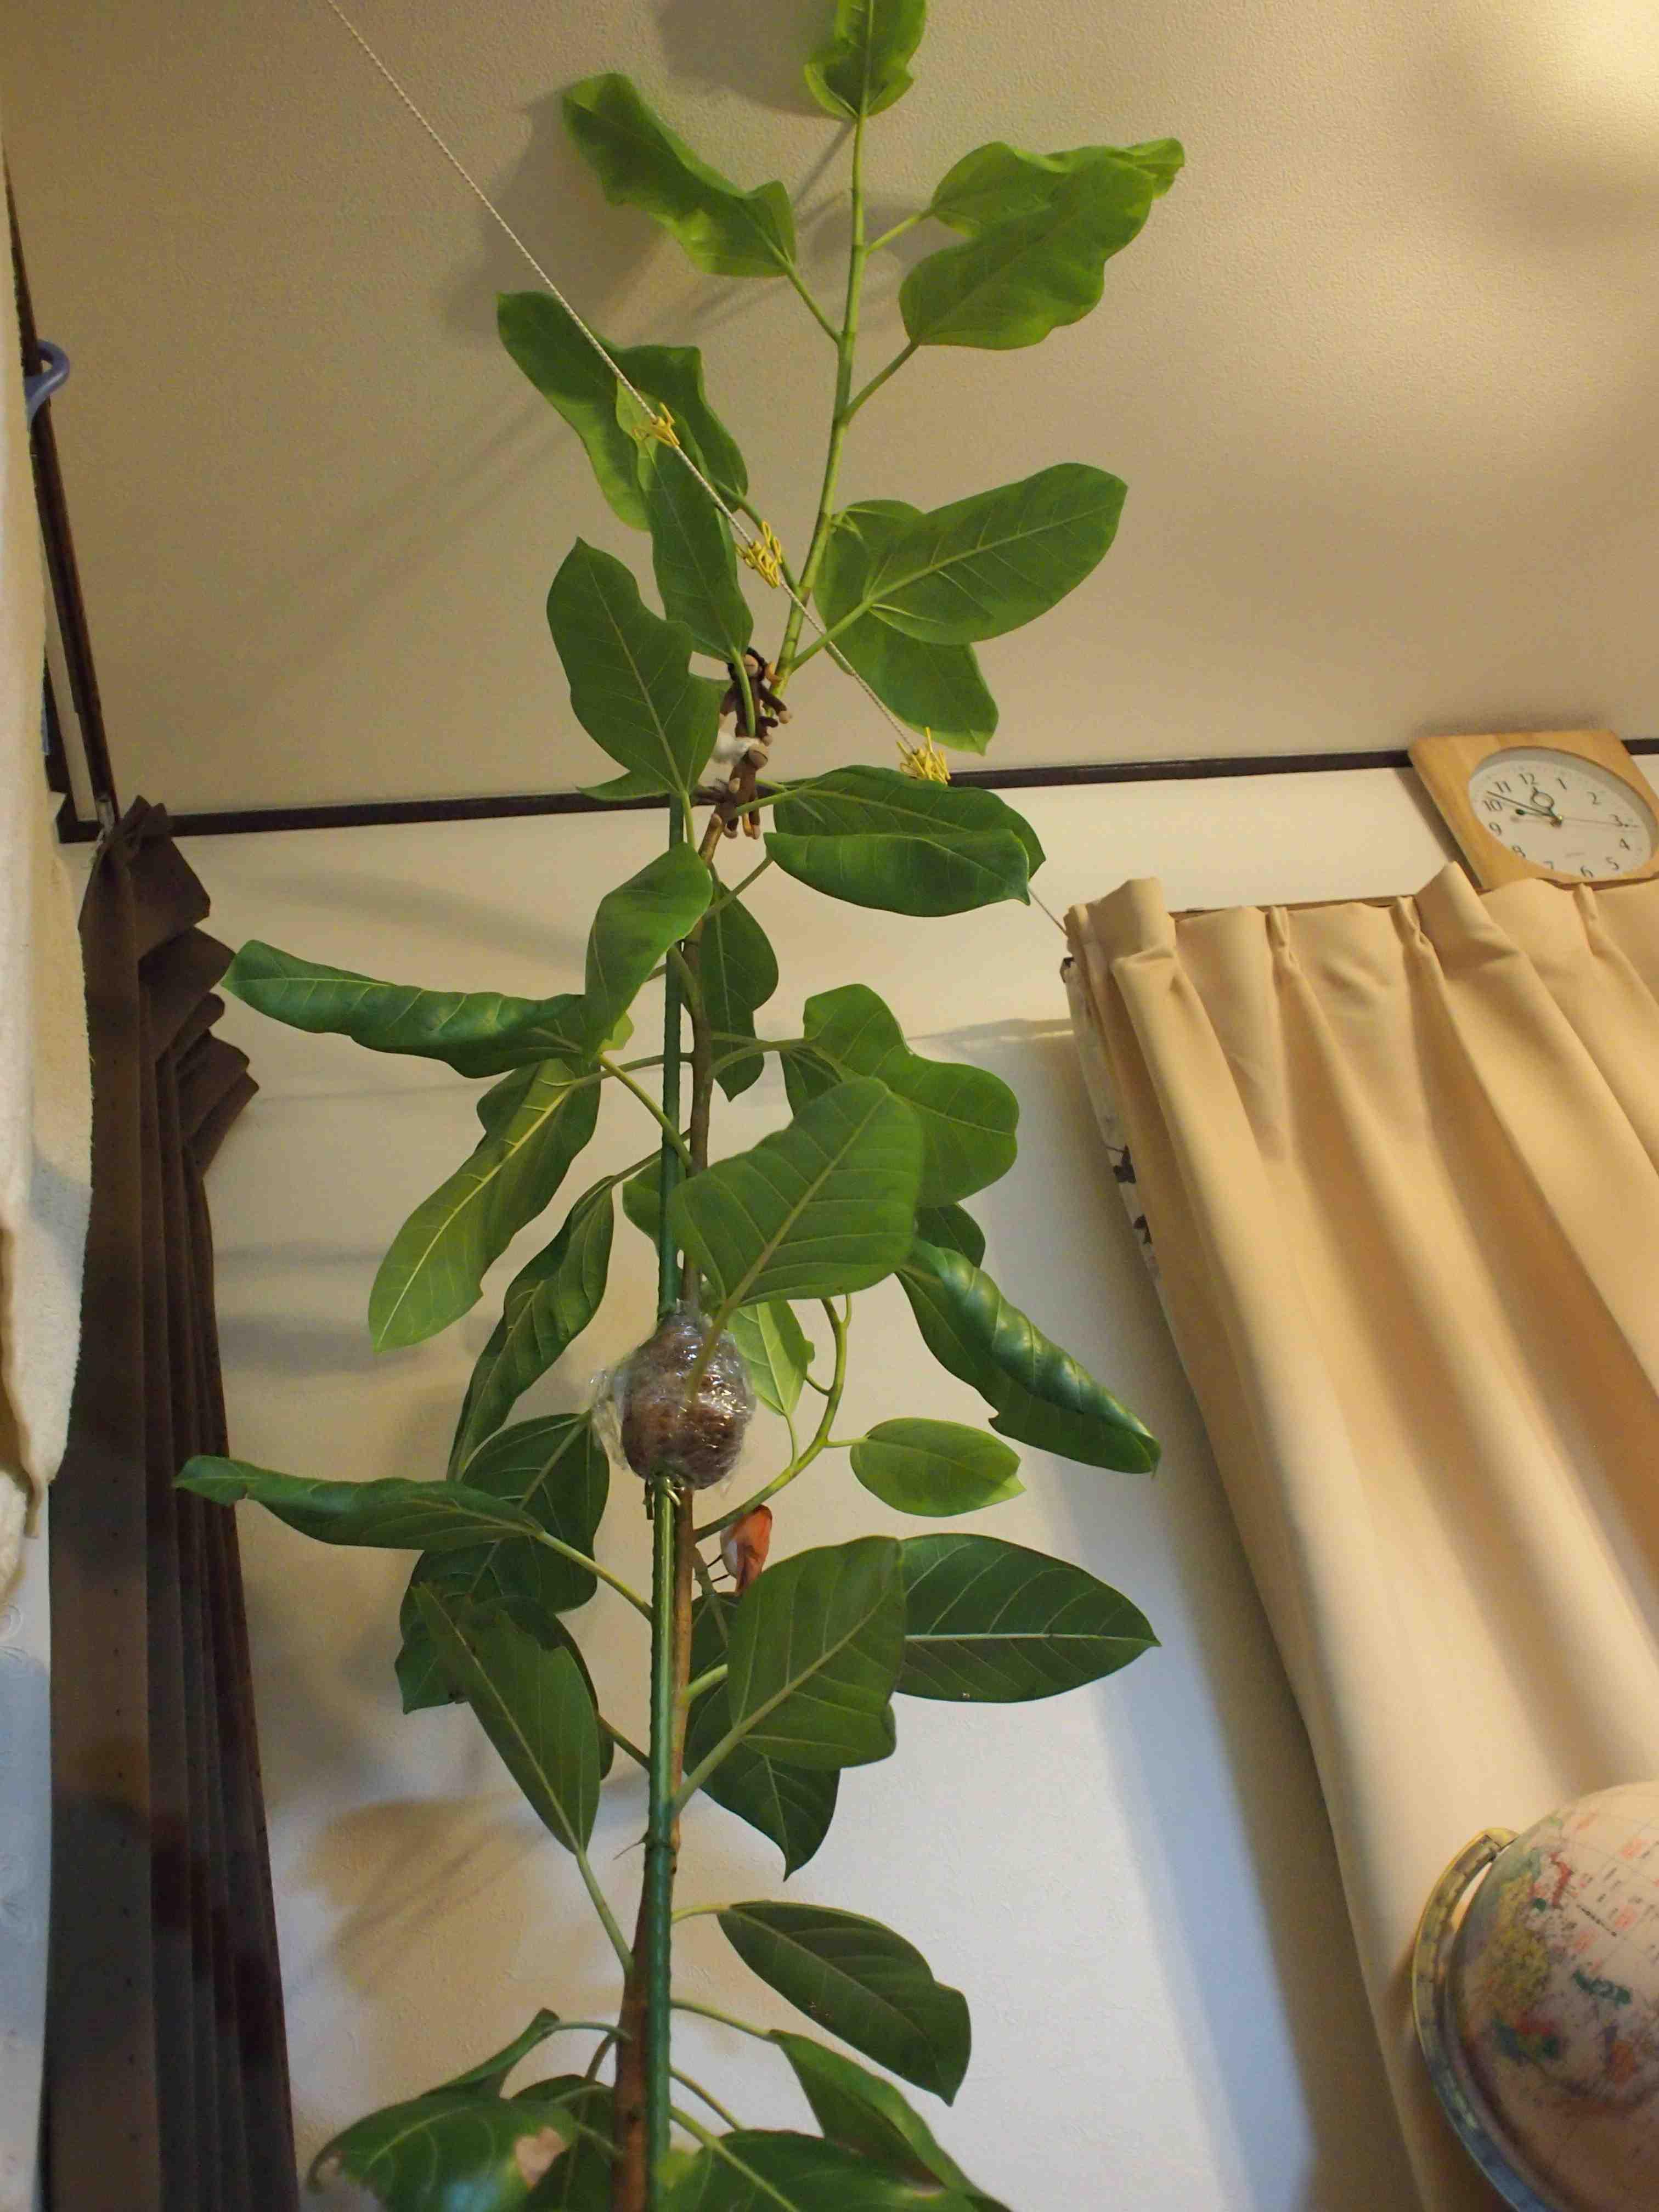 伸びすぎゴムの木